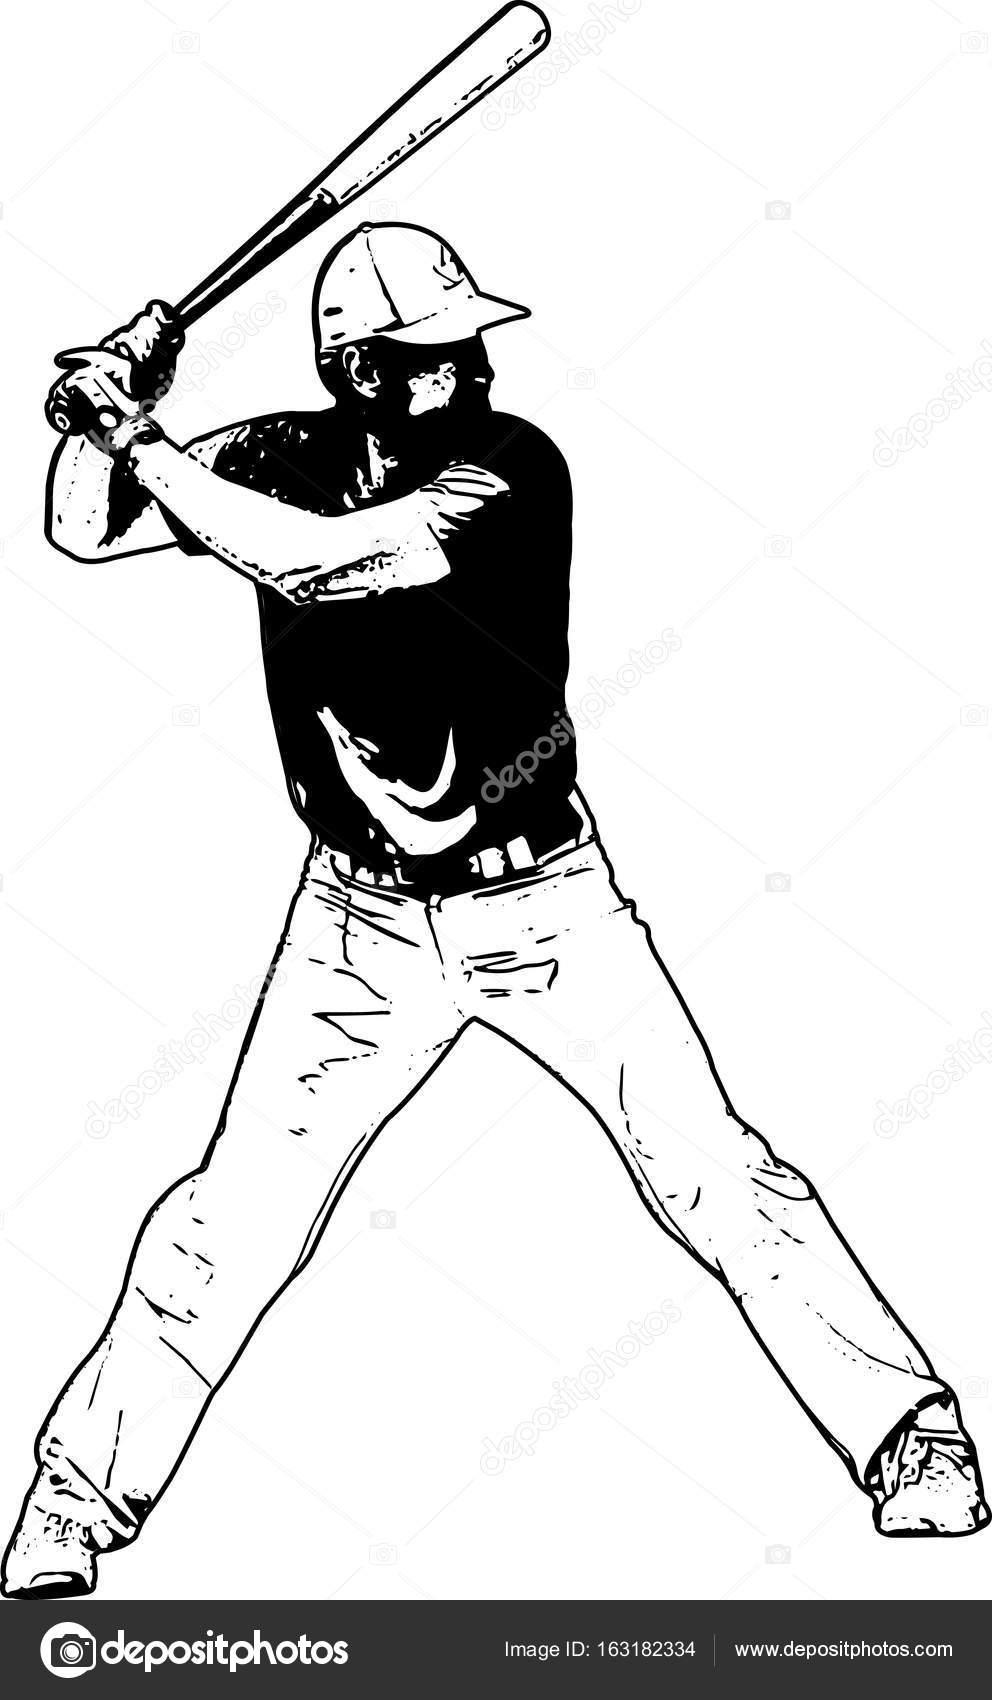 jugador de béisbol, Ilustración dibujo — Archivo Imágenes ...